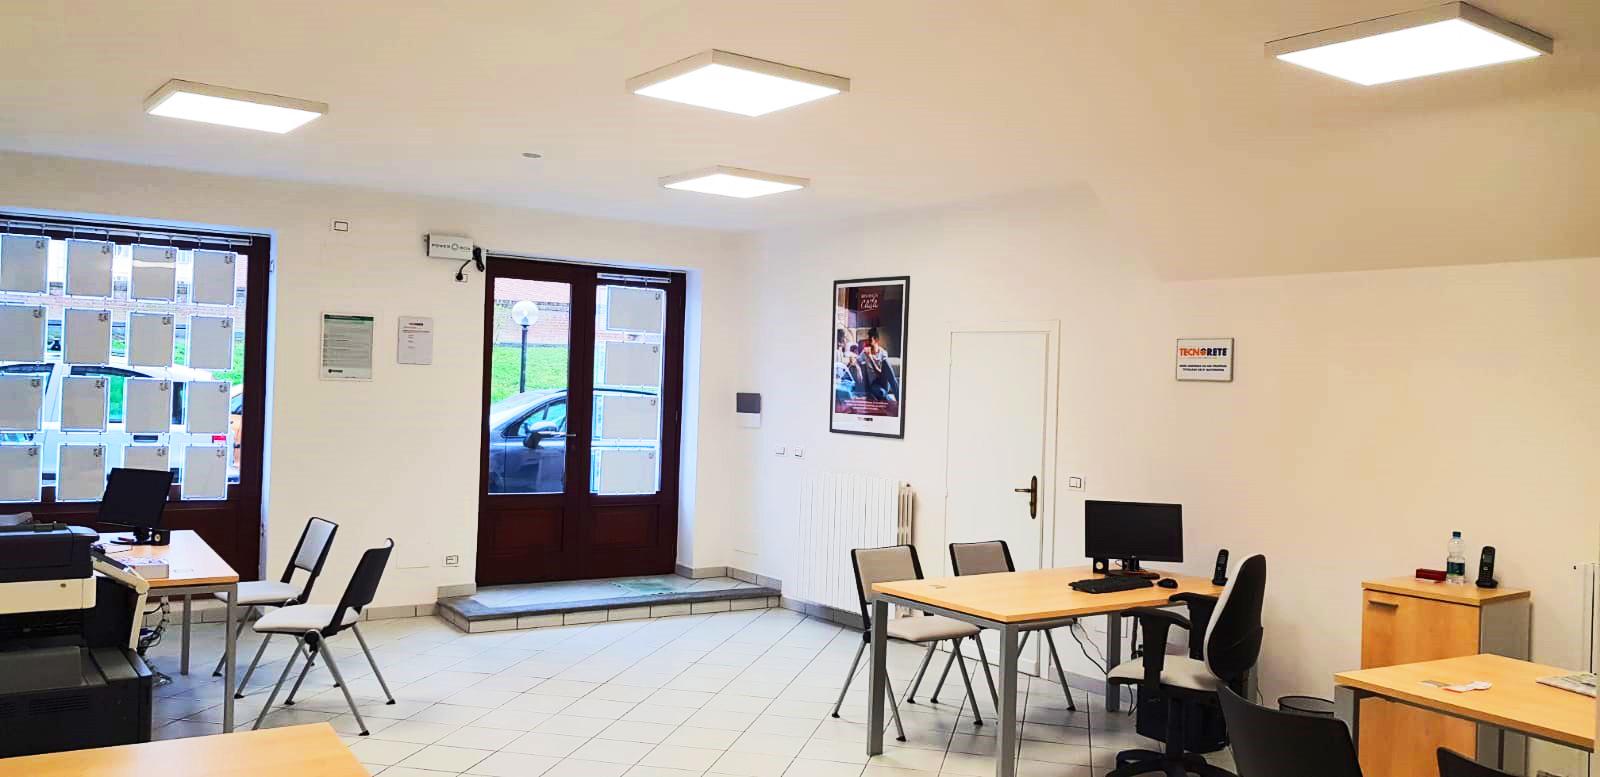 Illuminazione Salone Con Led illuminazione per strutture commerciali » piemonte » cuneo » bra